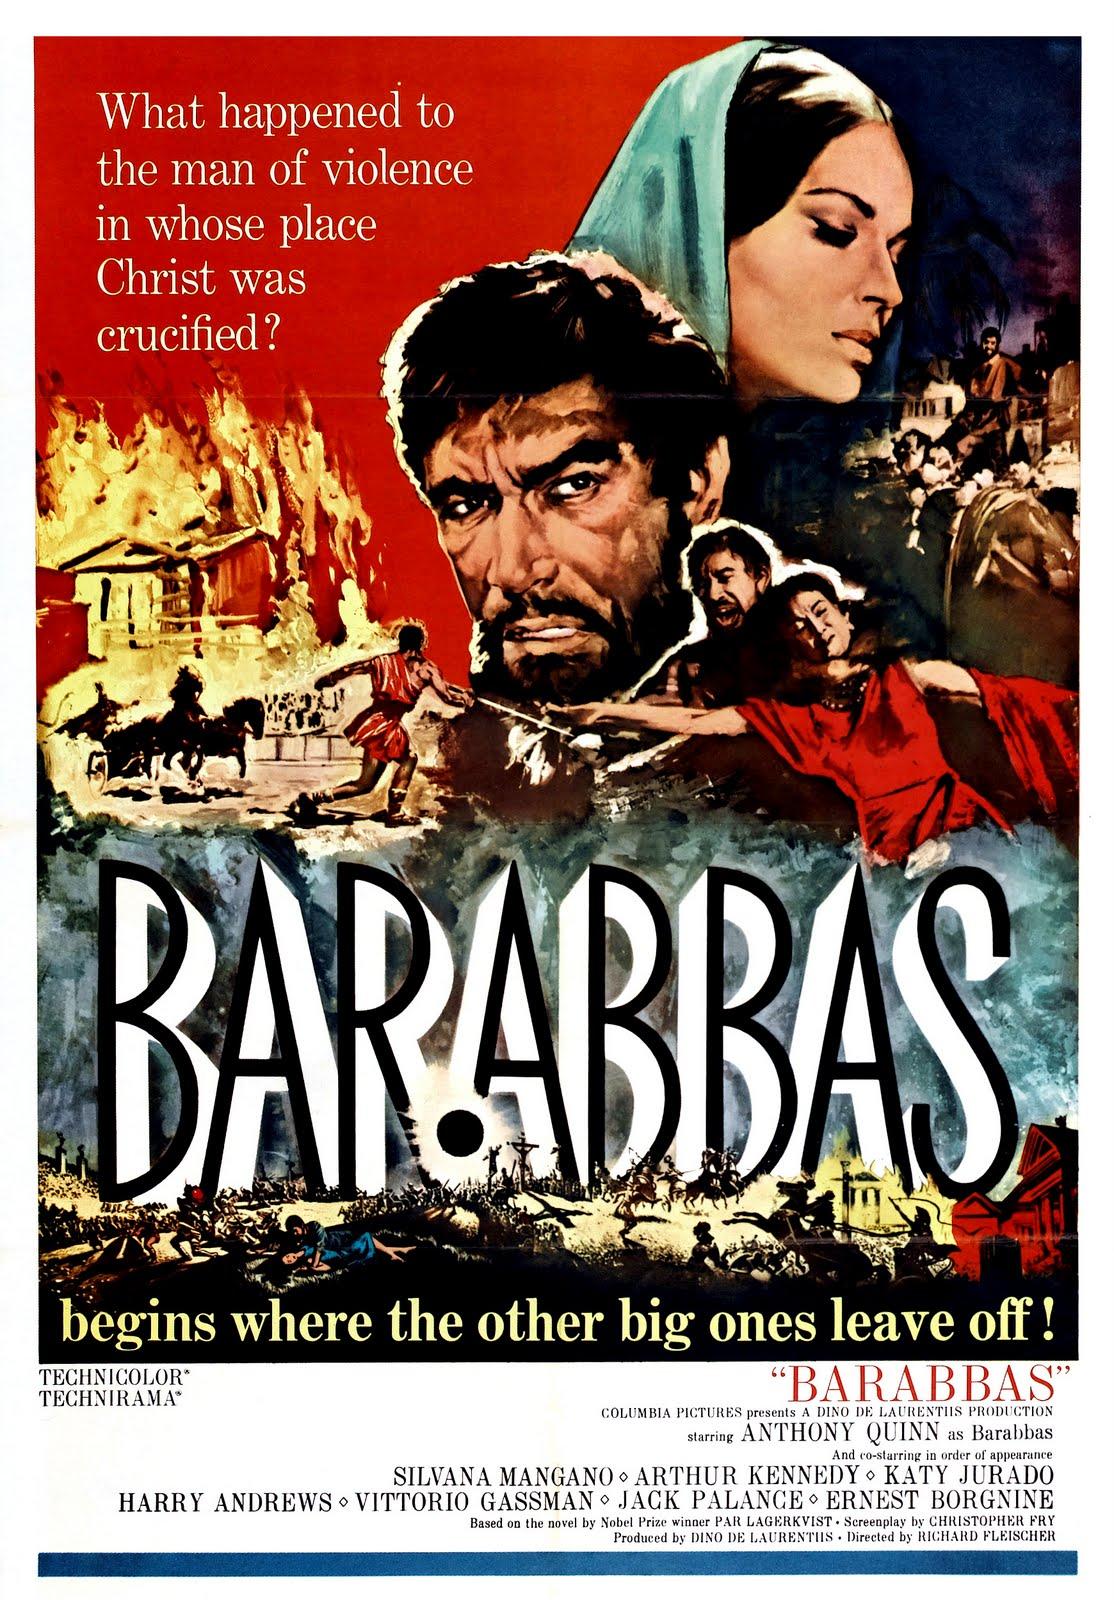 Barrabás [Dub] – IMDB 7.0